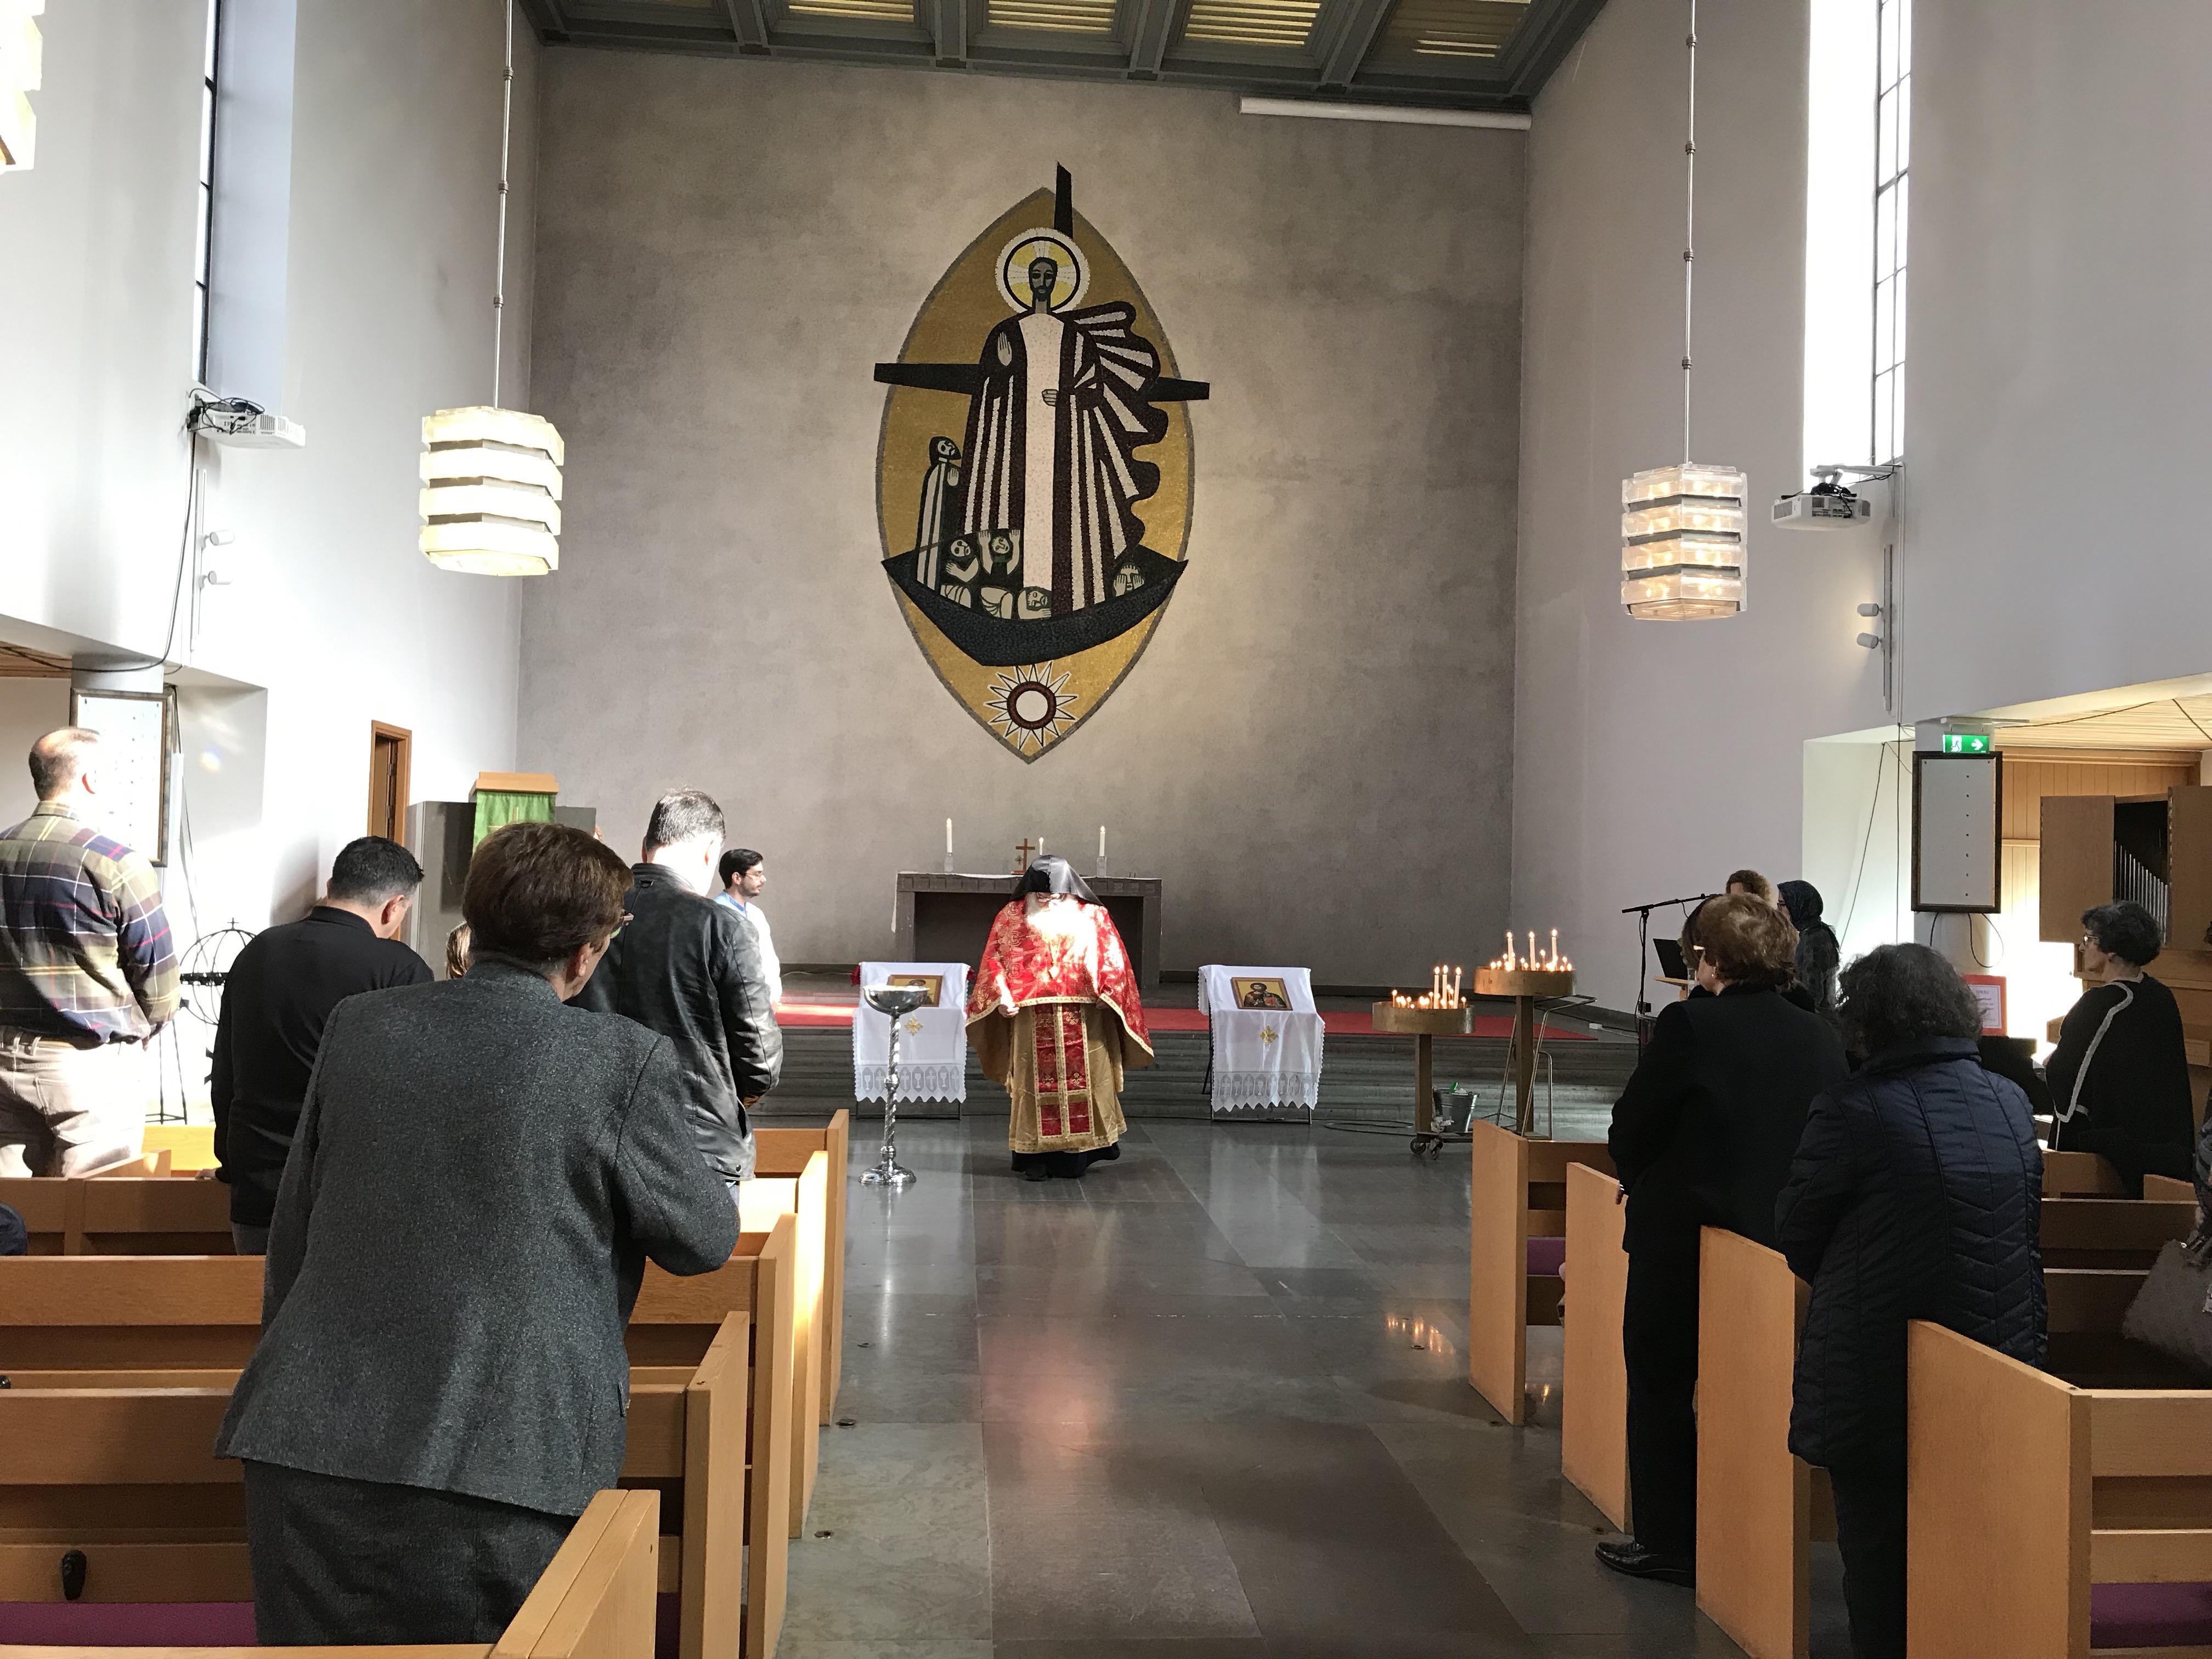 Θεία Λειτουργία 28-09-2019 Πατήρ Ευγένιος